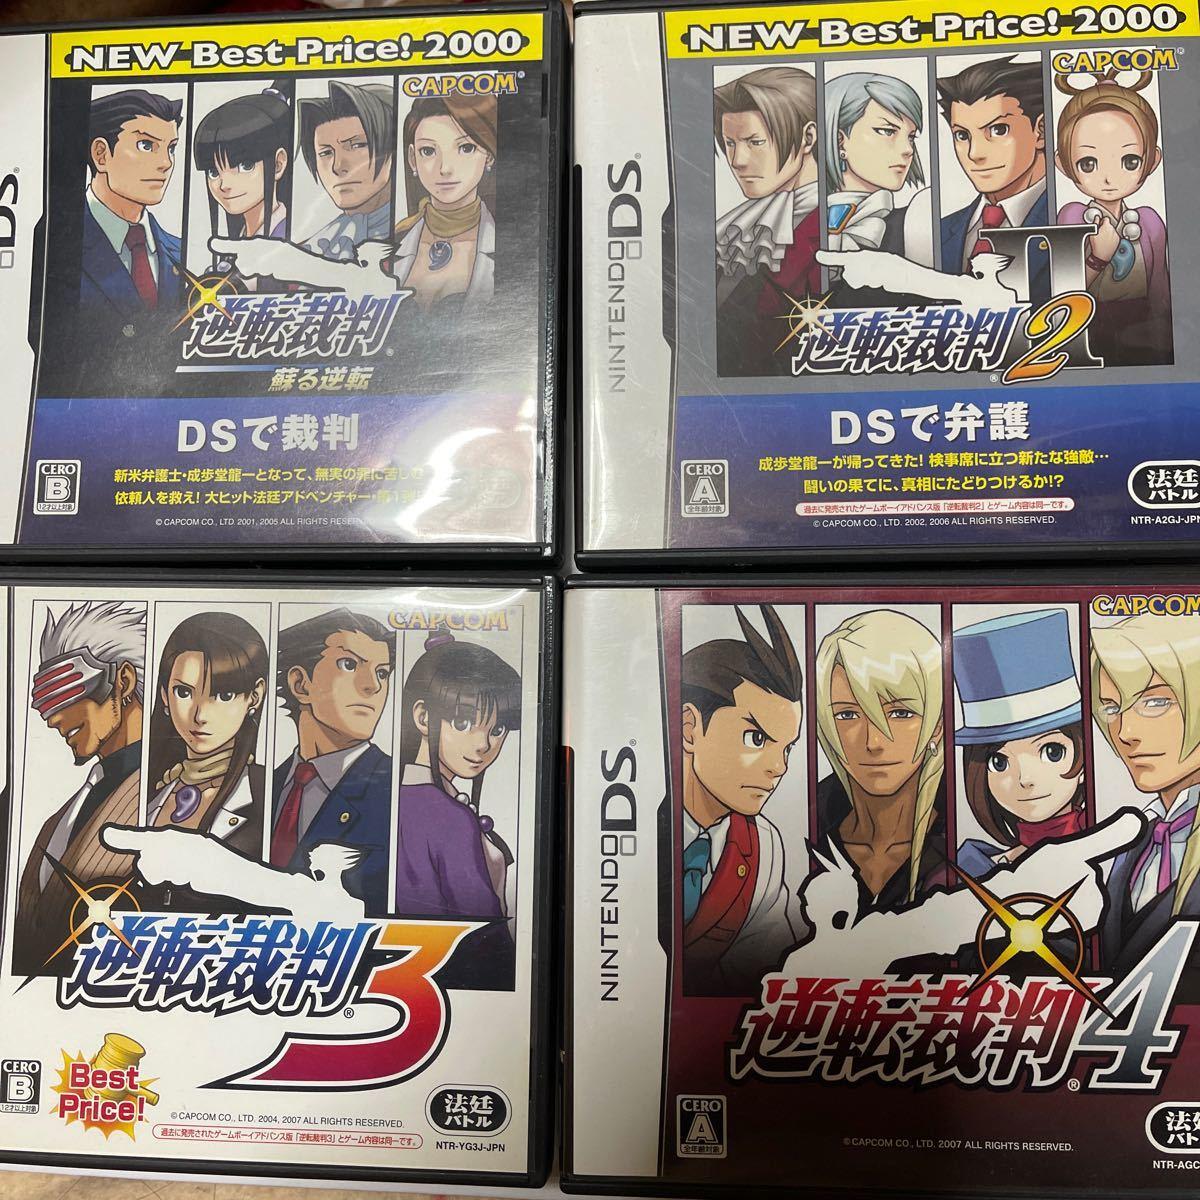 DSソフト 任天堂 3DSソフト 逆転裁判 まとめ売り